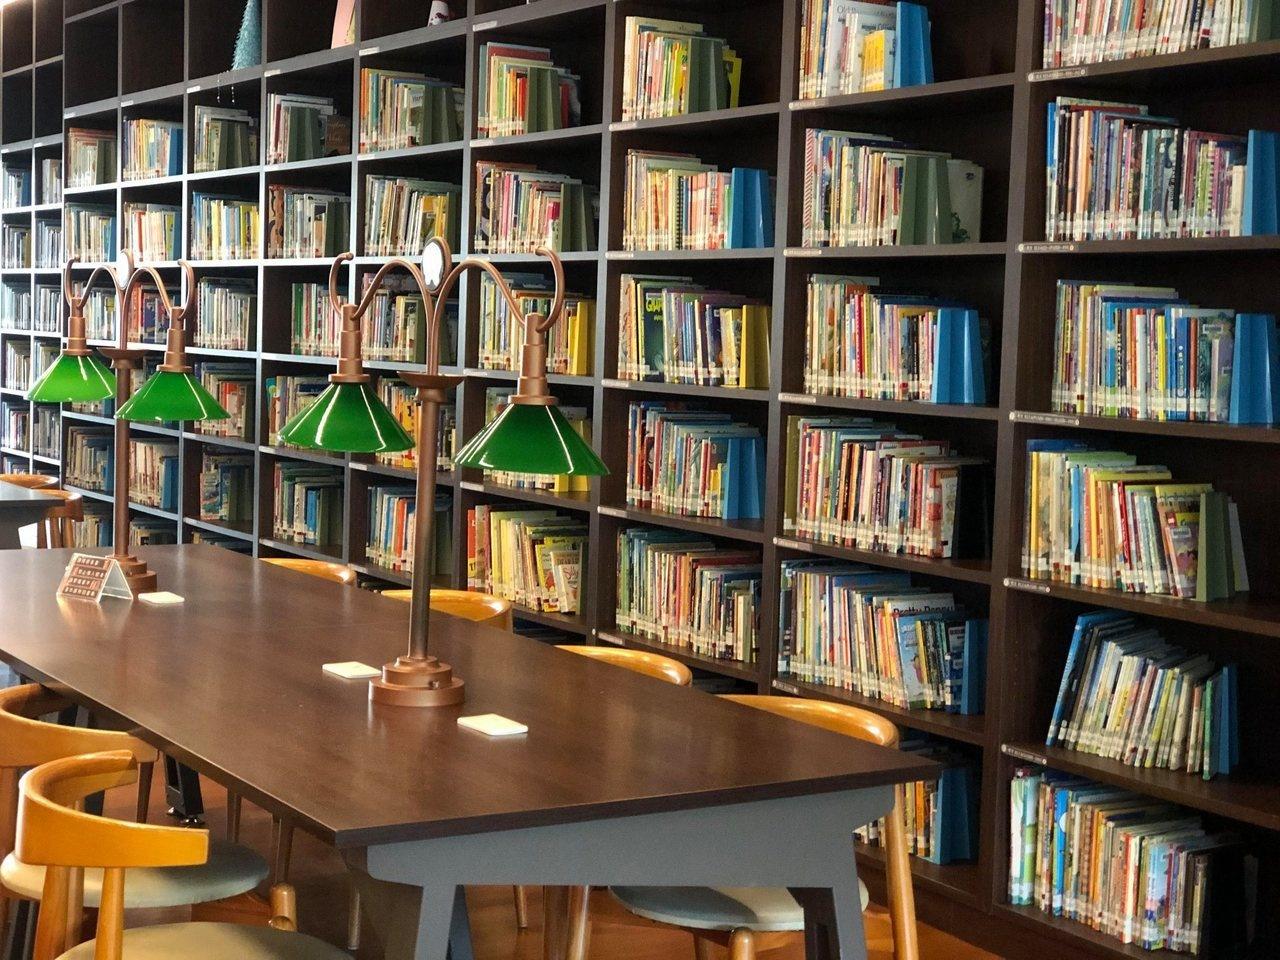 大東藝術圖書館環境古典而優美,營造藝術閱讀氛圍。 圖擷自大東藝術圖書館臉書